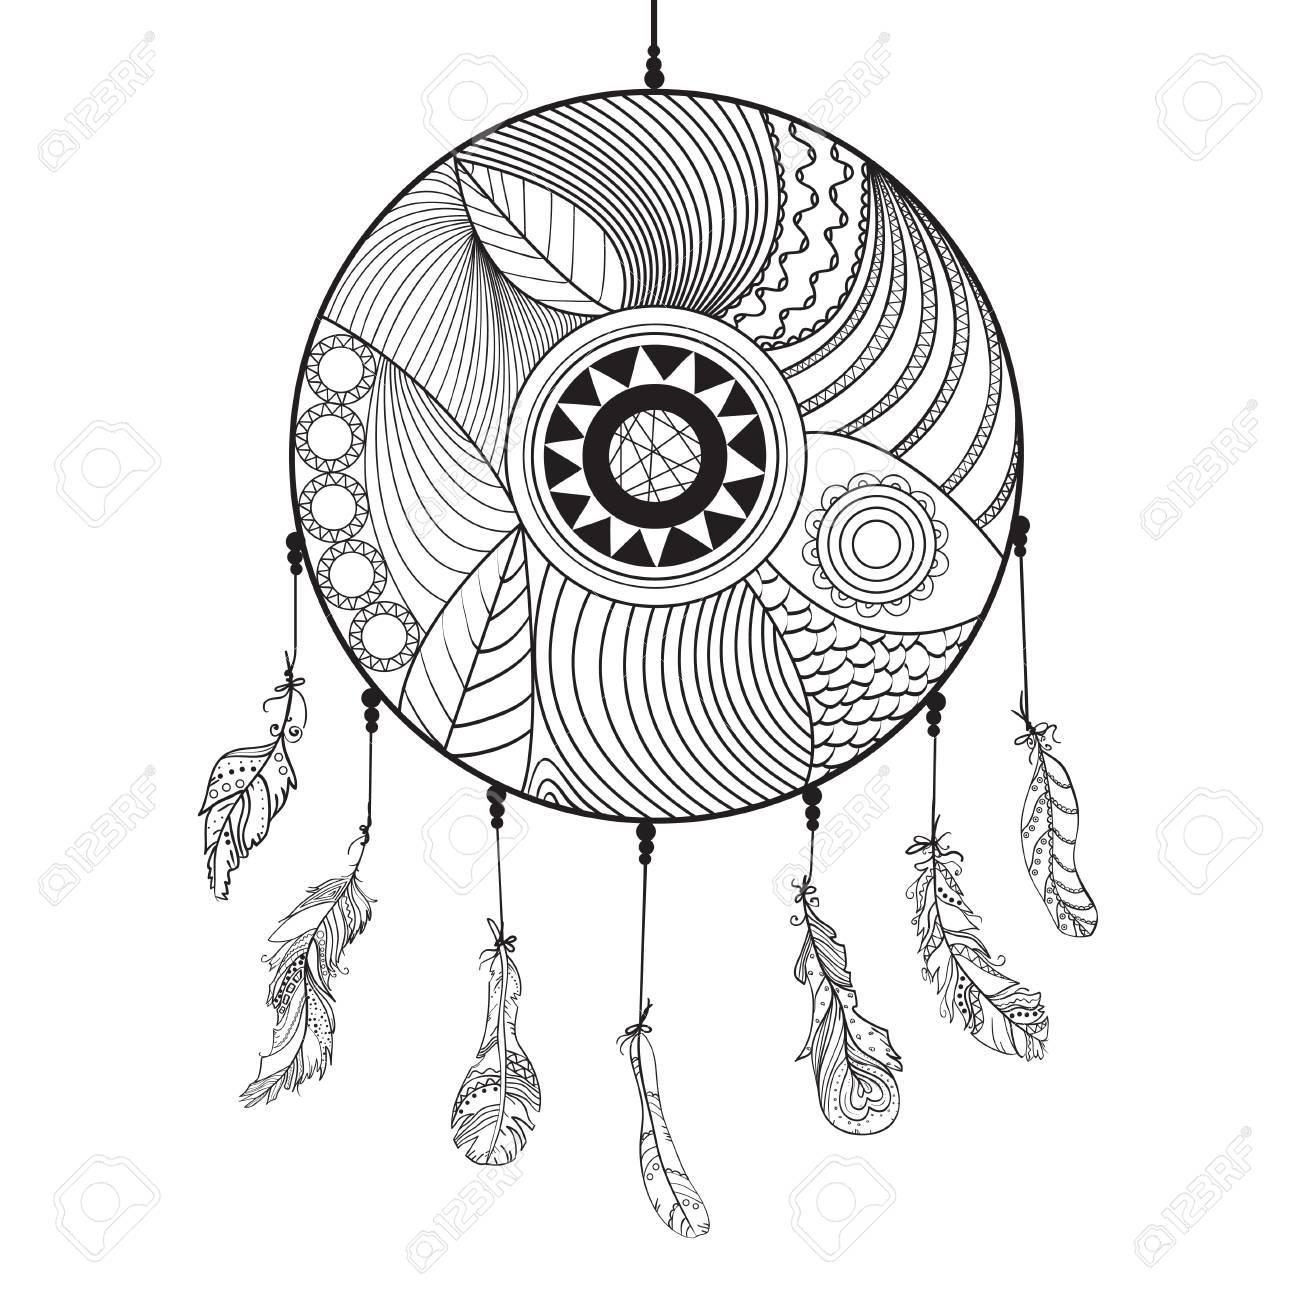 Atrapasueños Plumas Arte Del Tatuaje Símbolo Místico Plumas